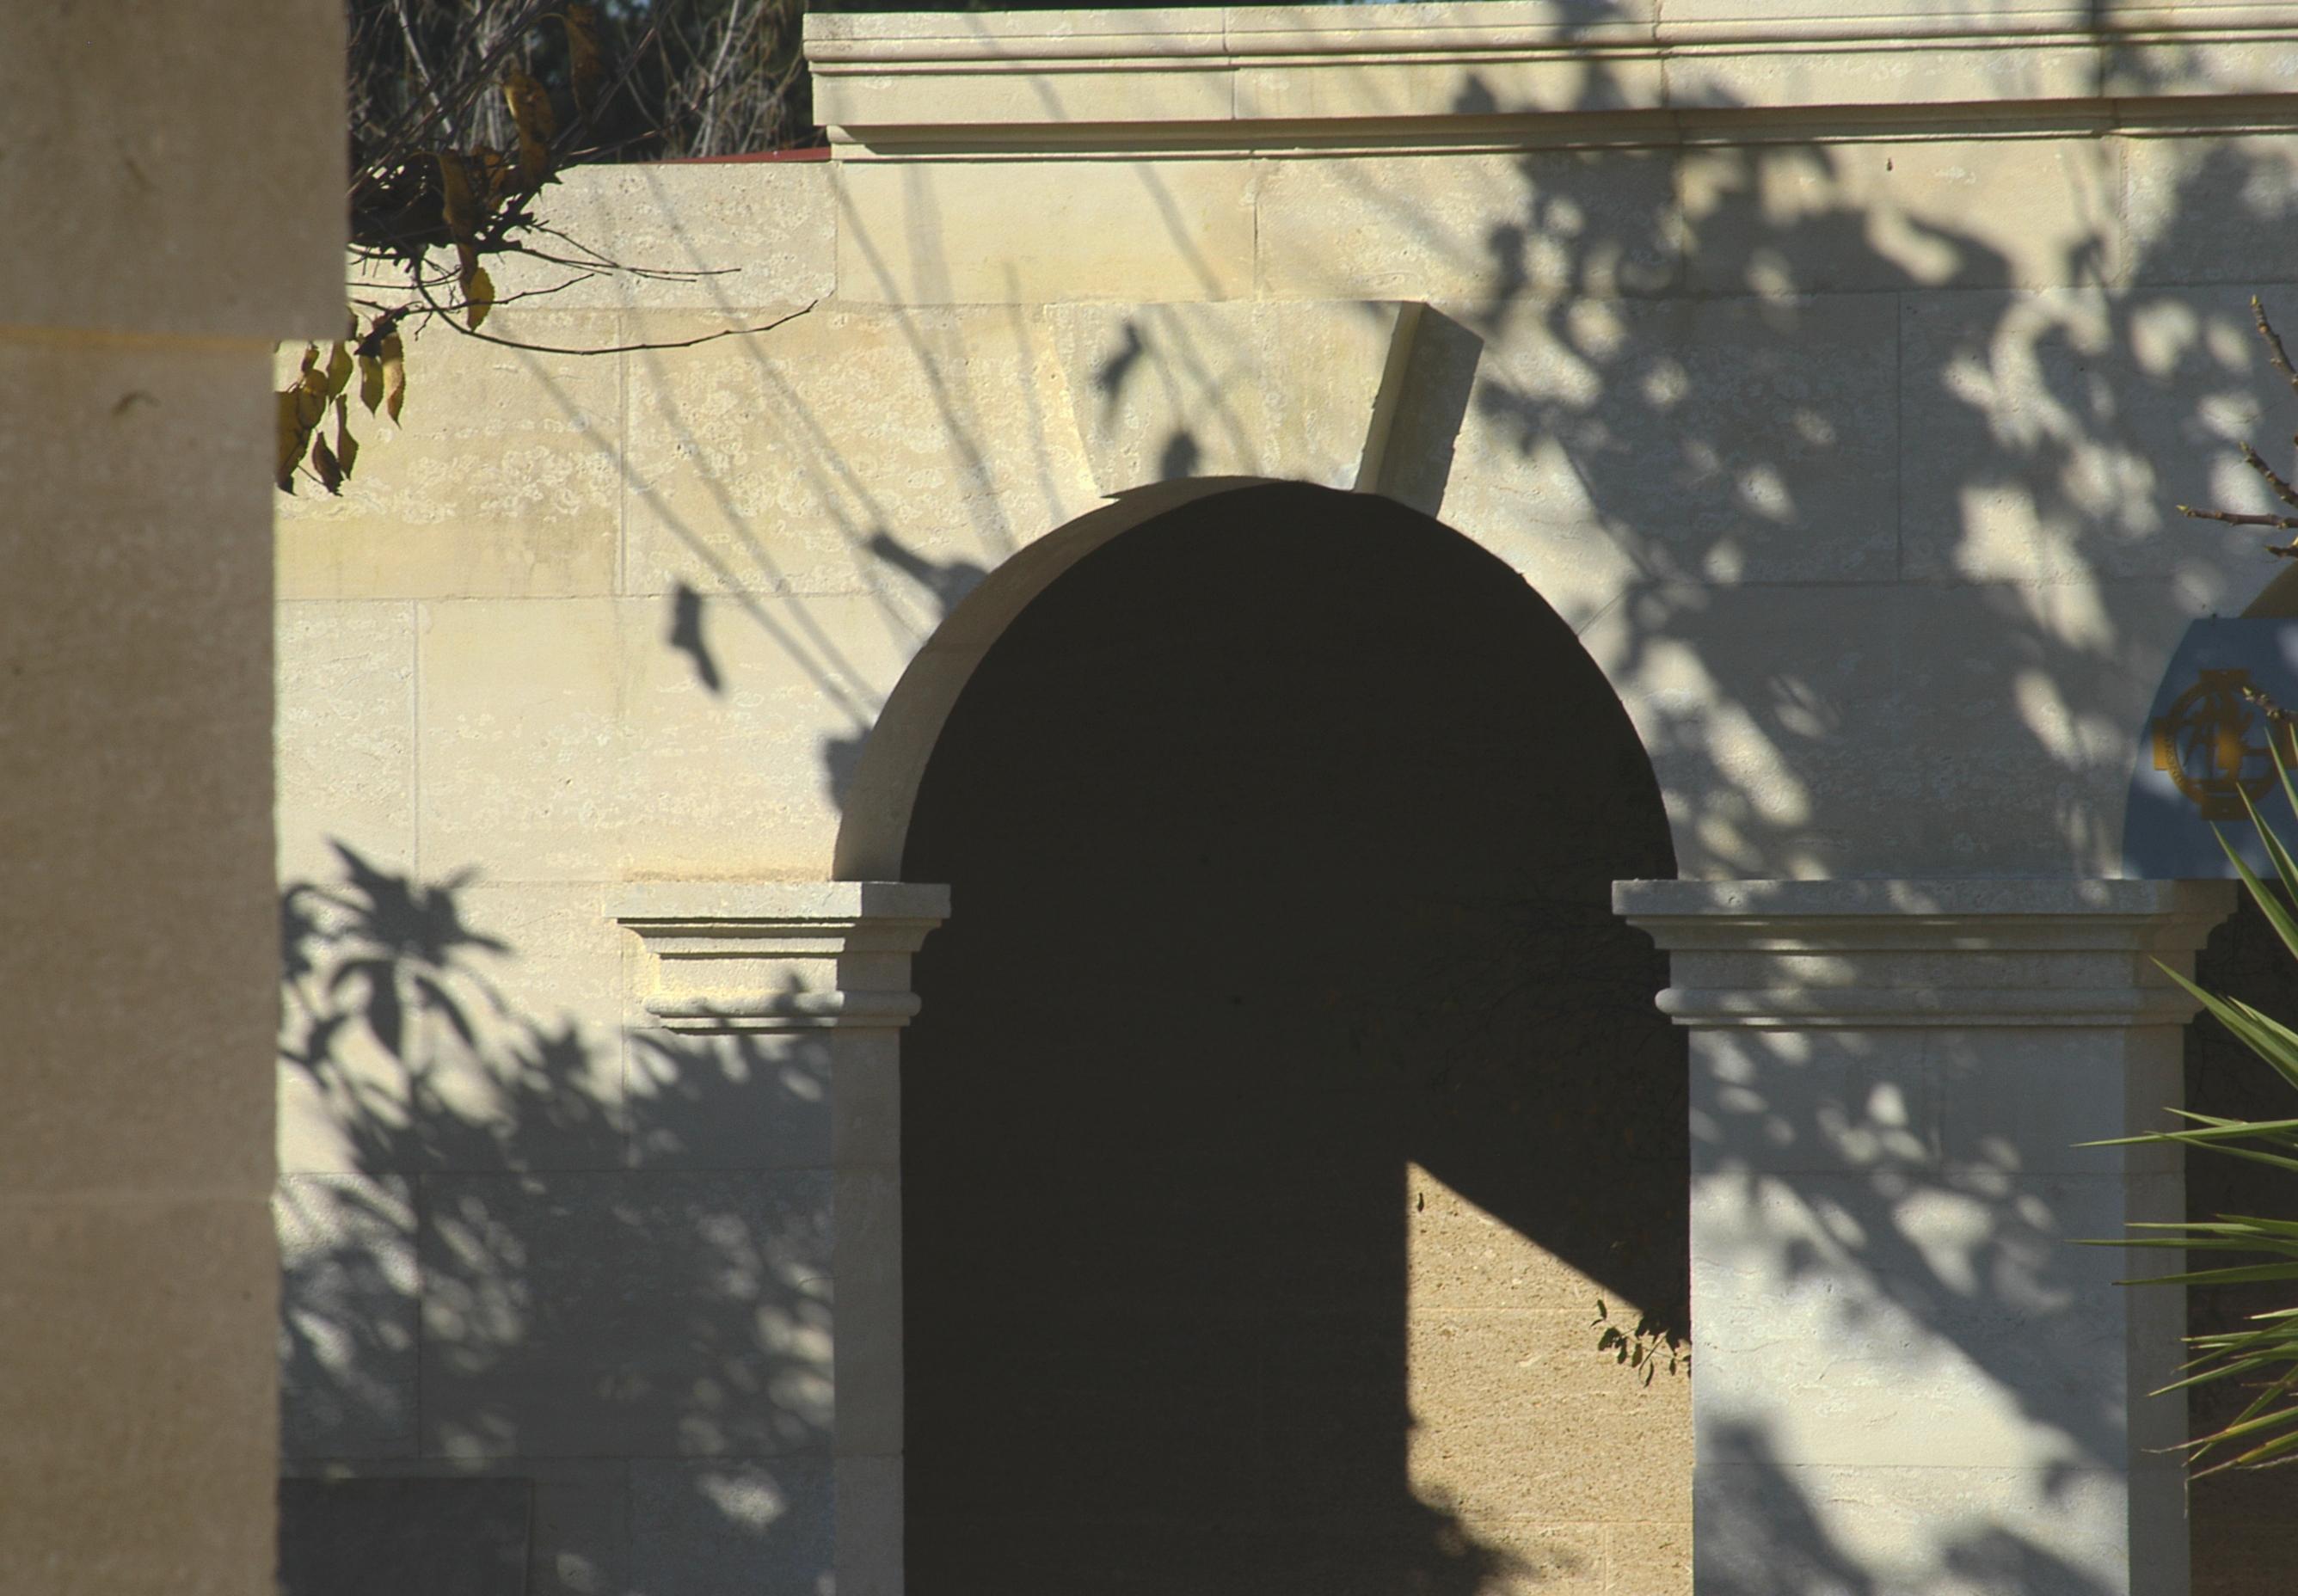 Facade of an Orangerie style XVIII